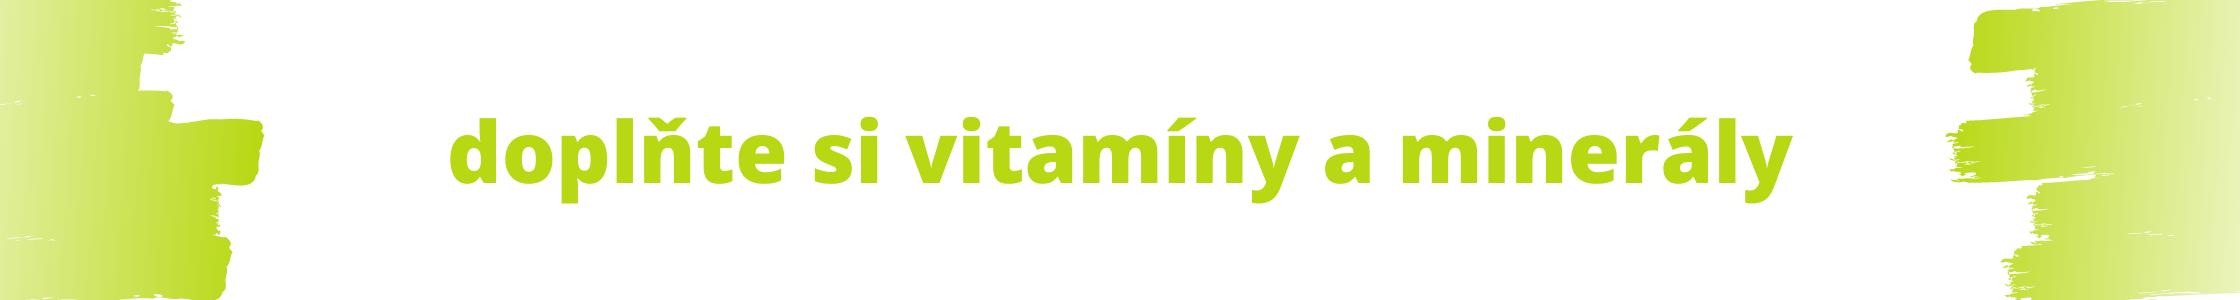 doplnte-vitaminy-a-mineraly-biolinka